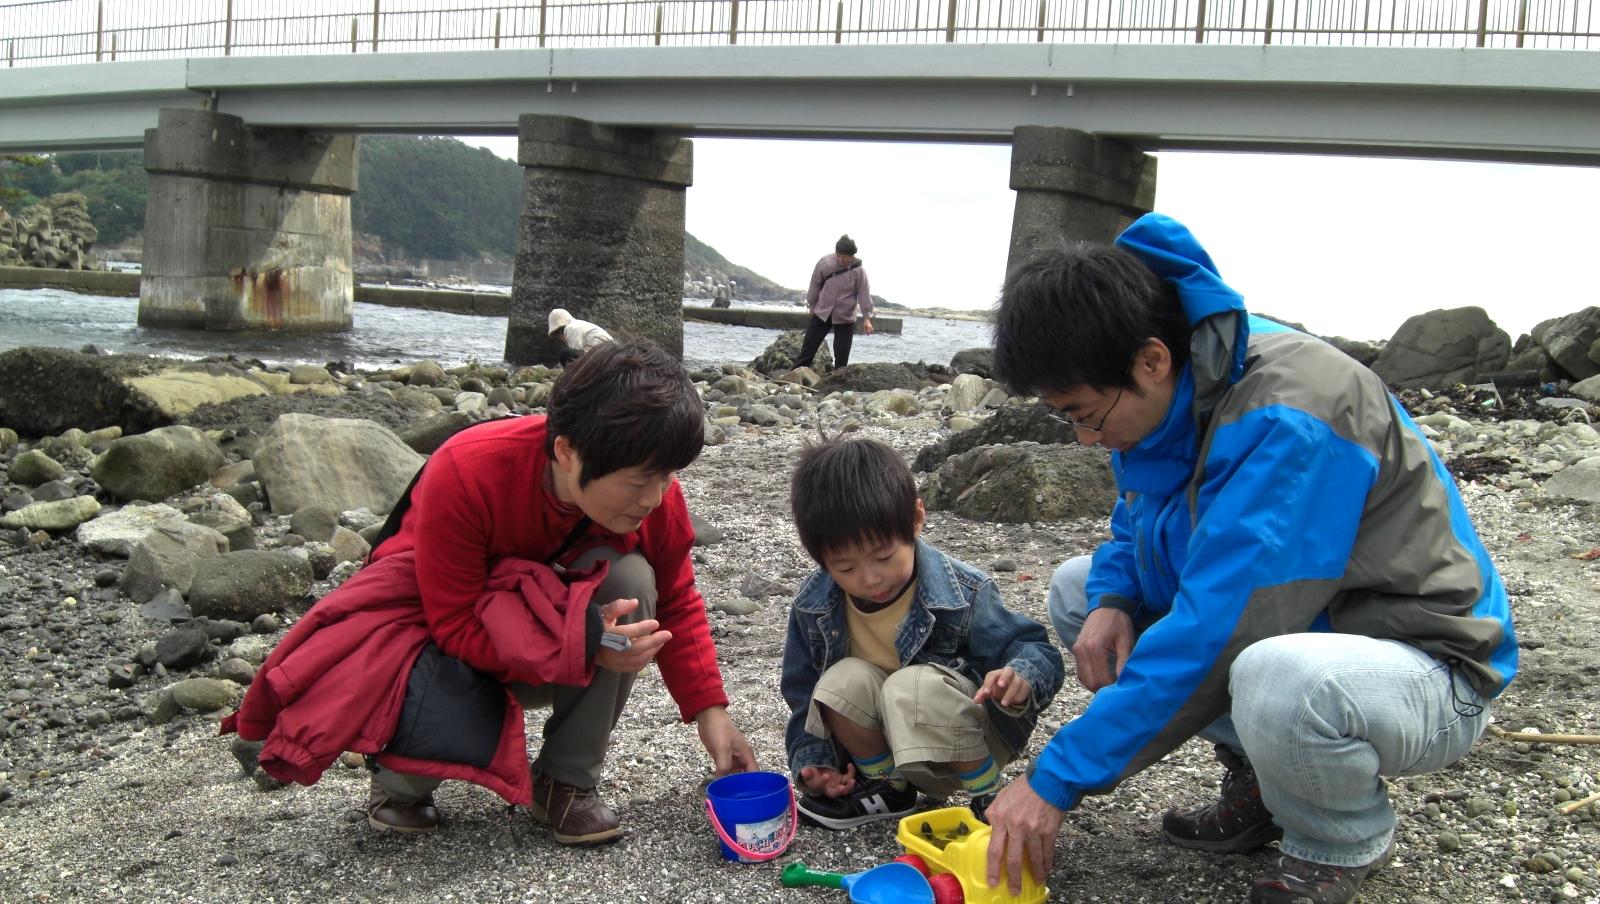 【祖母の85歳祝い伊豆旅行2日目】須崎・恵美須島と下田海中水族館へ